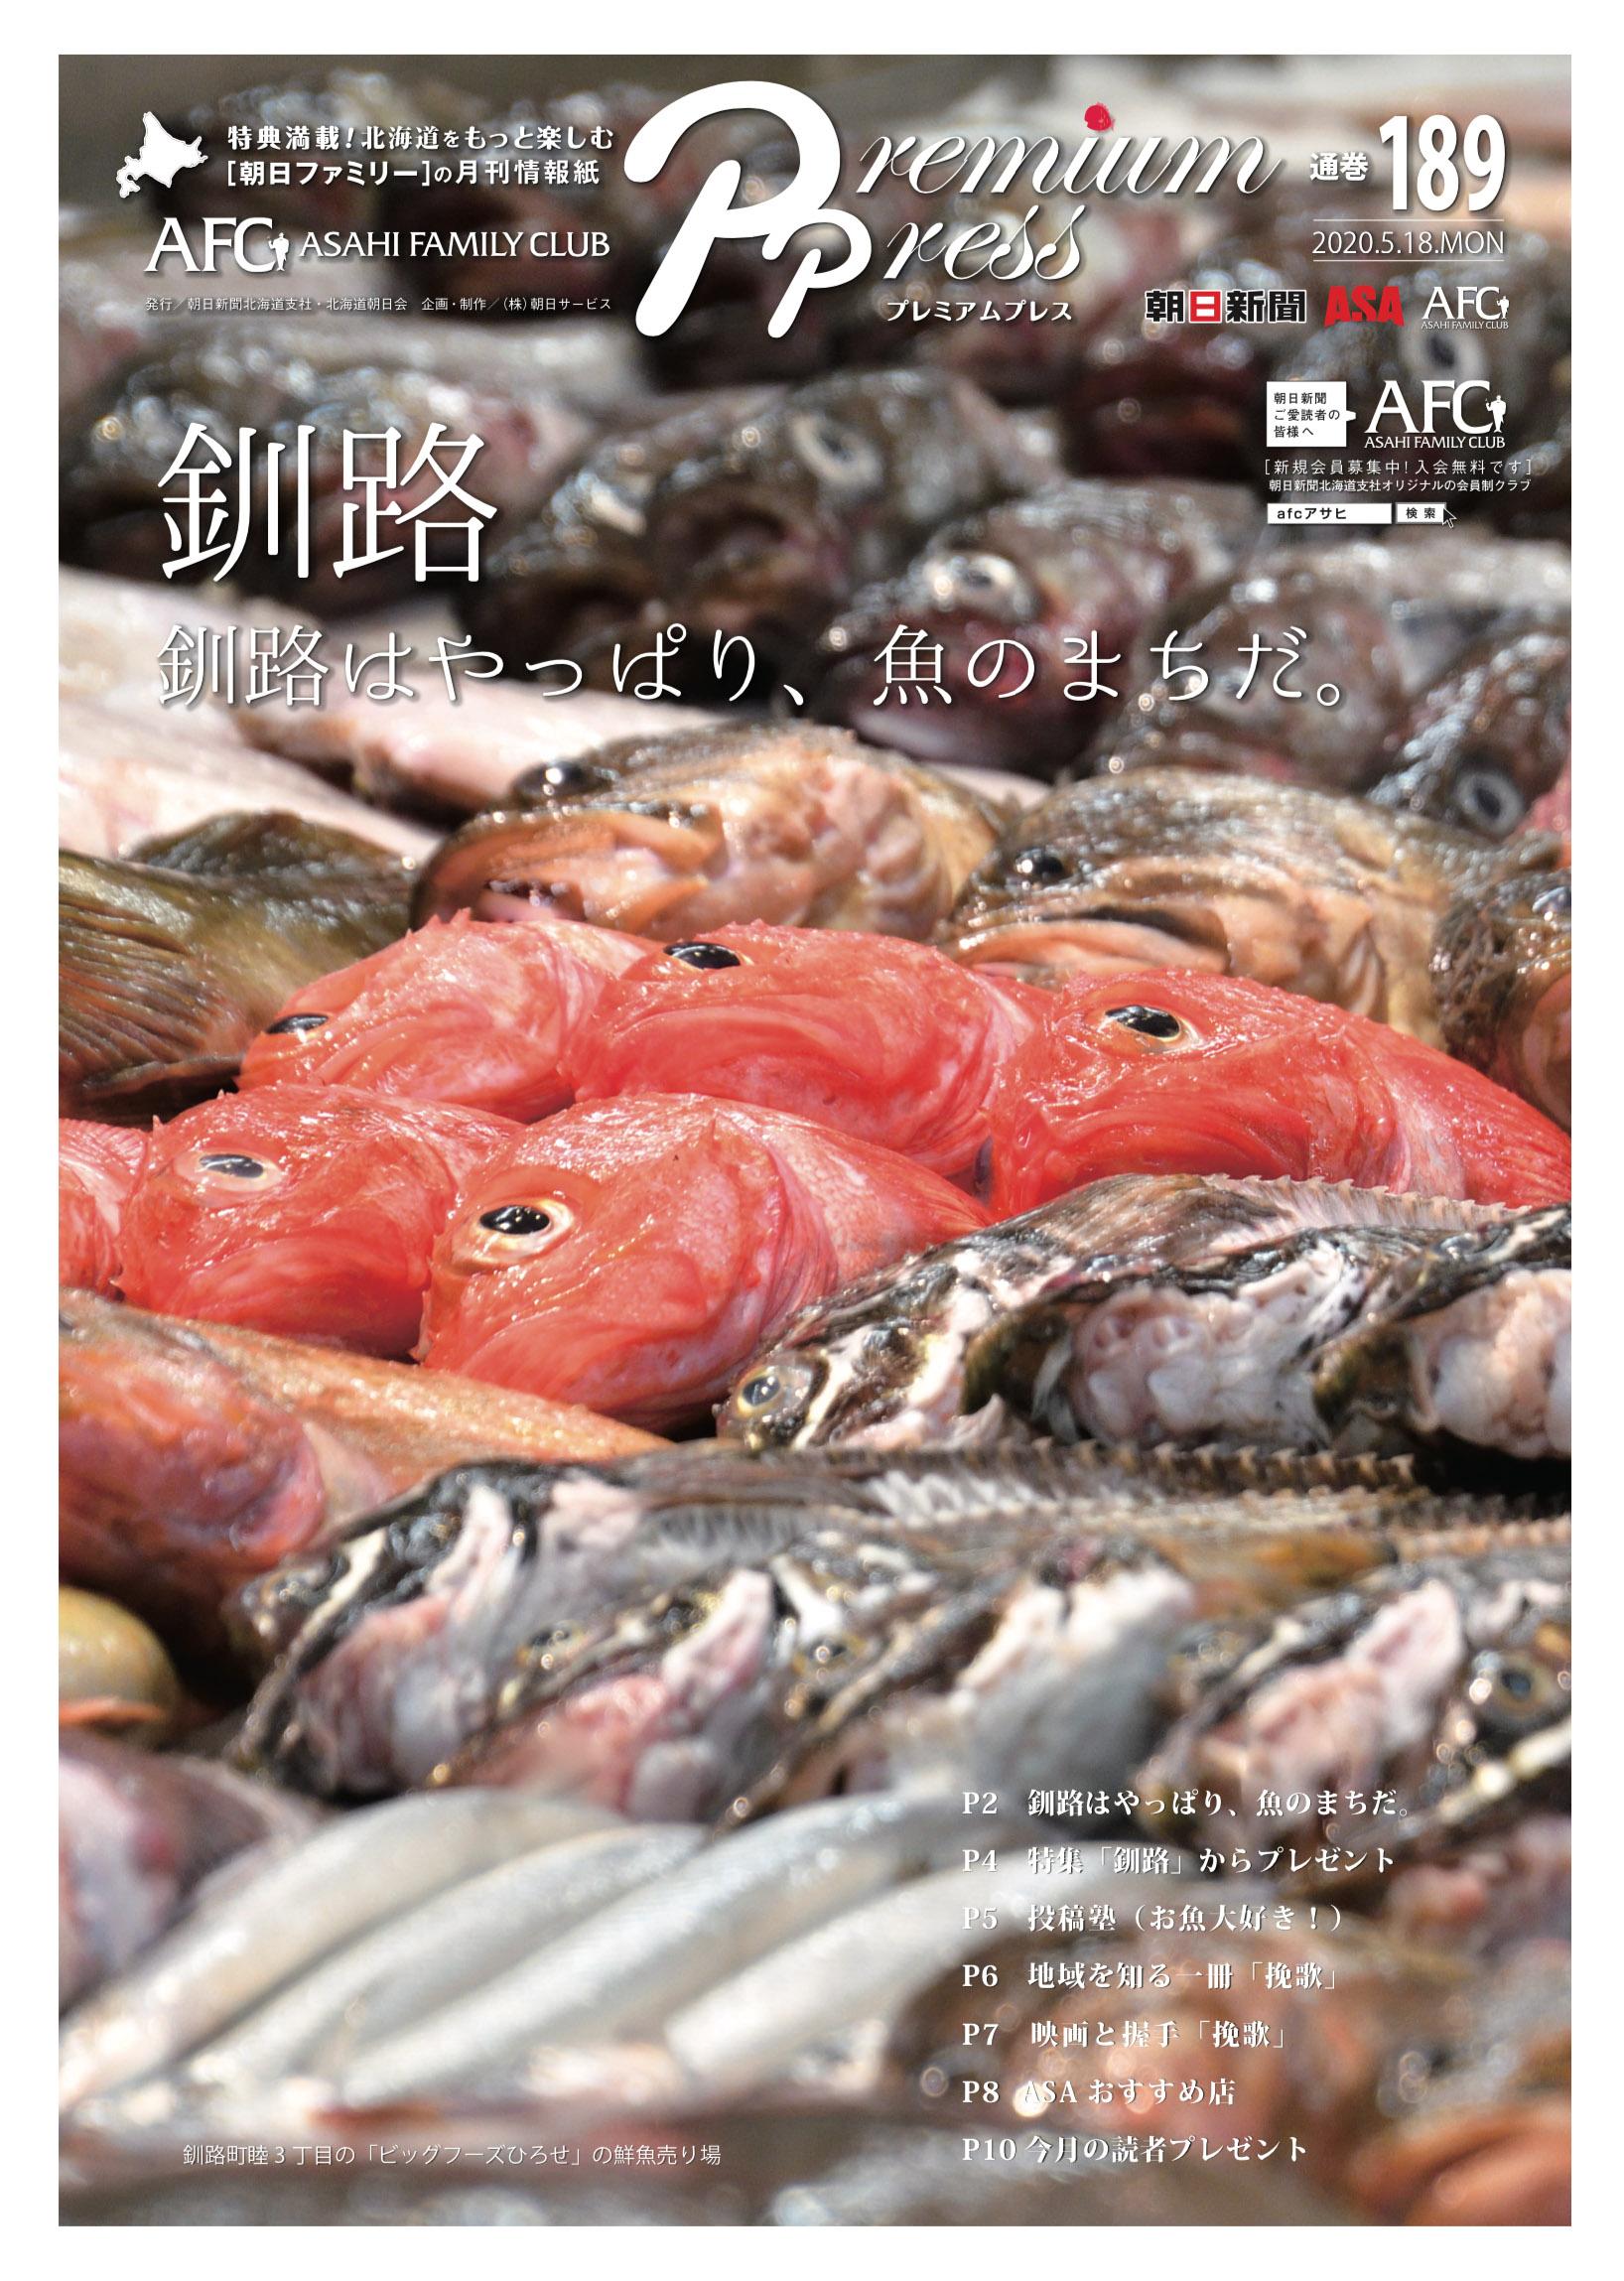 釧路はやっぱり魚の町だ